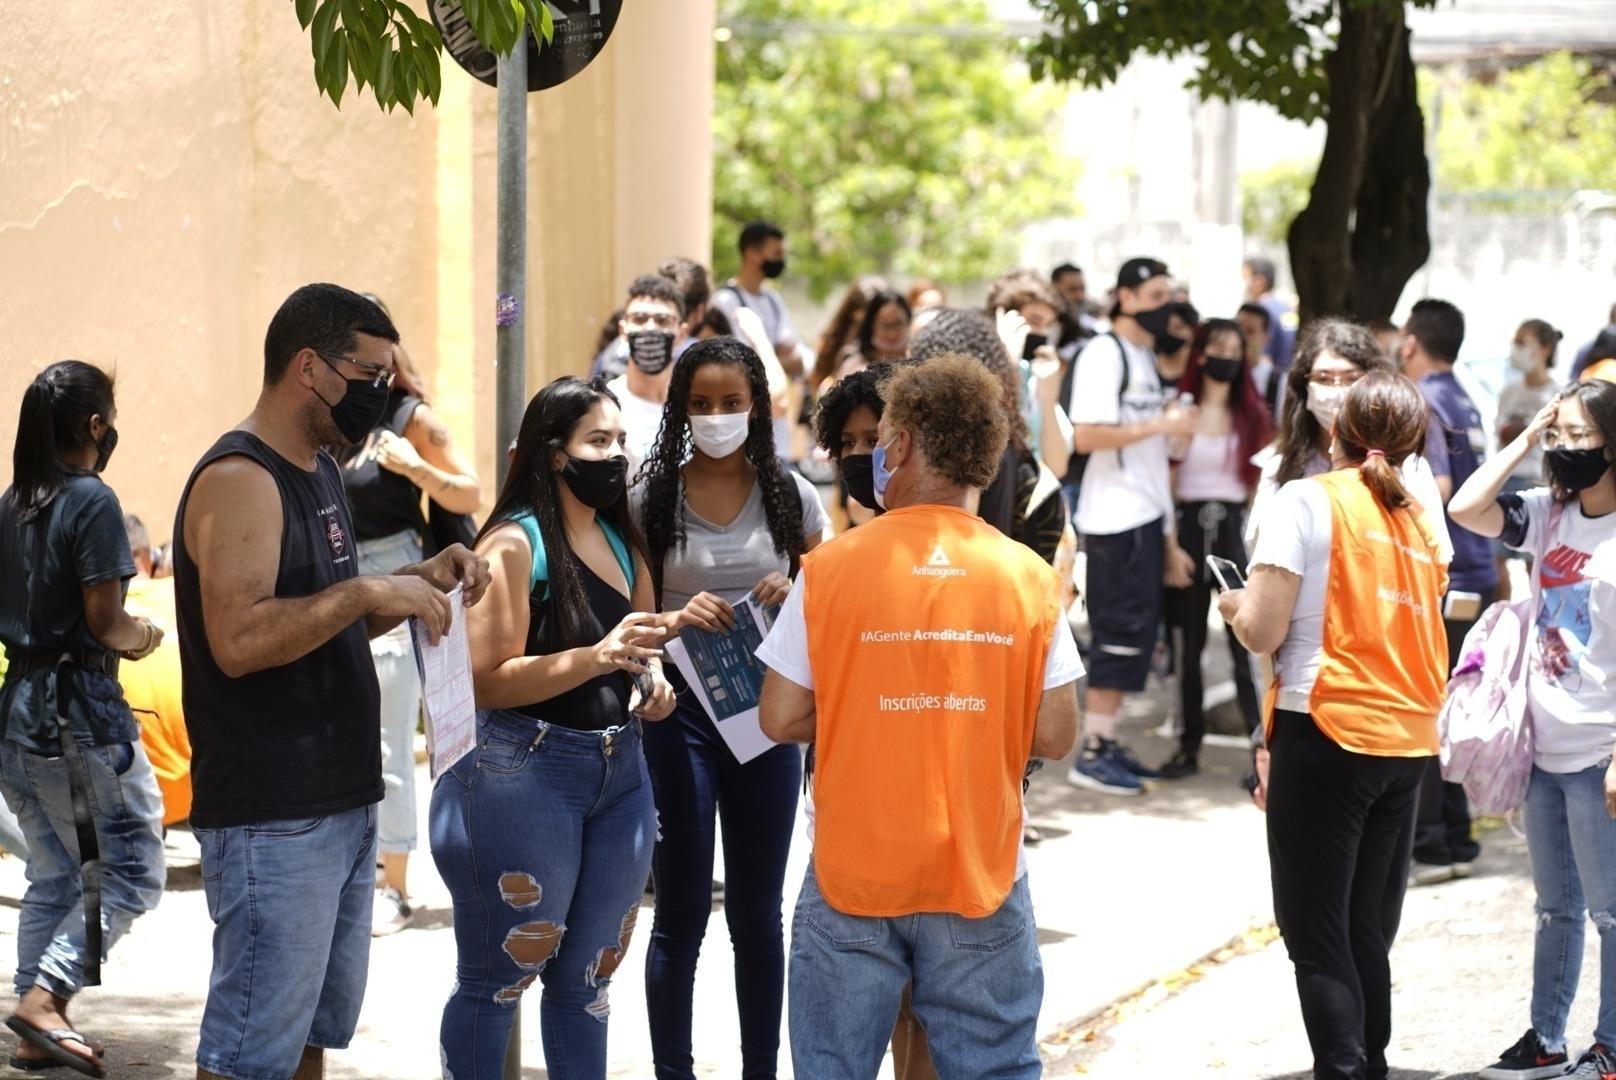 Promotores de faculdades, como da própria Unip e de outras franquias, como a Anhanguera, abordam estudantes para cadastrá-los e apresentar ofertas no valor das matrículas no 1º dia do Enem impresso em SP - André Porto/UOL